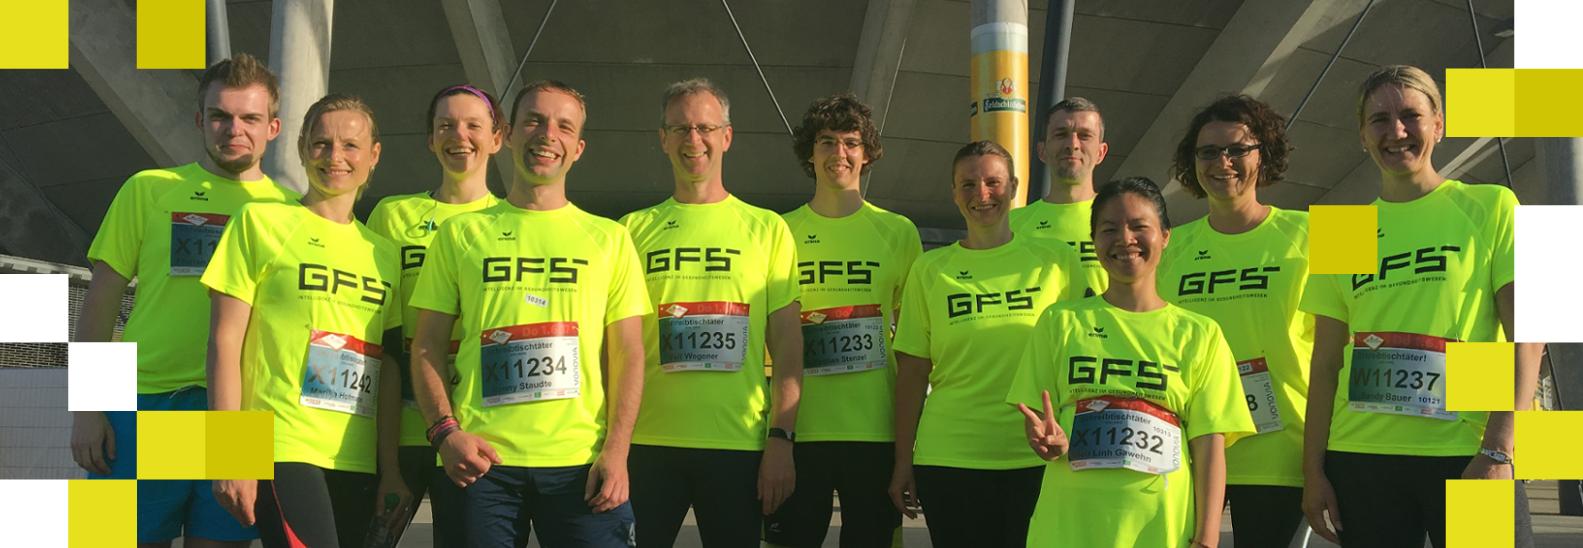 Running-Team